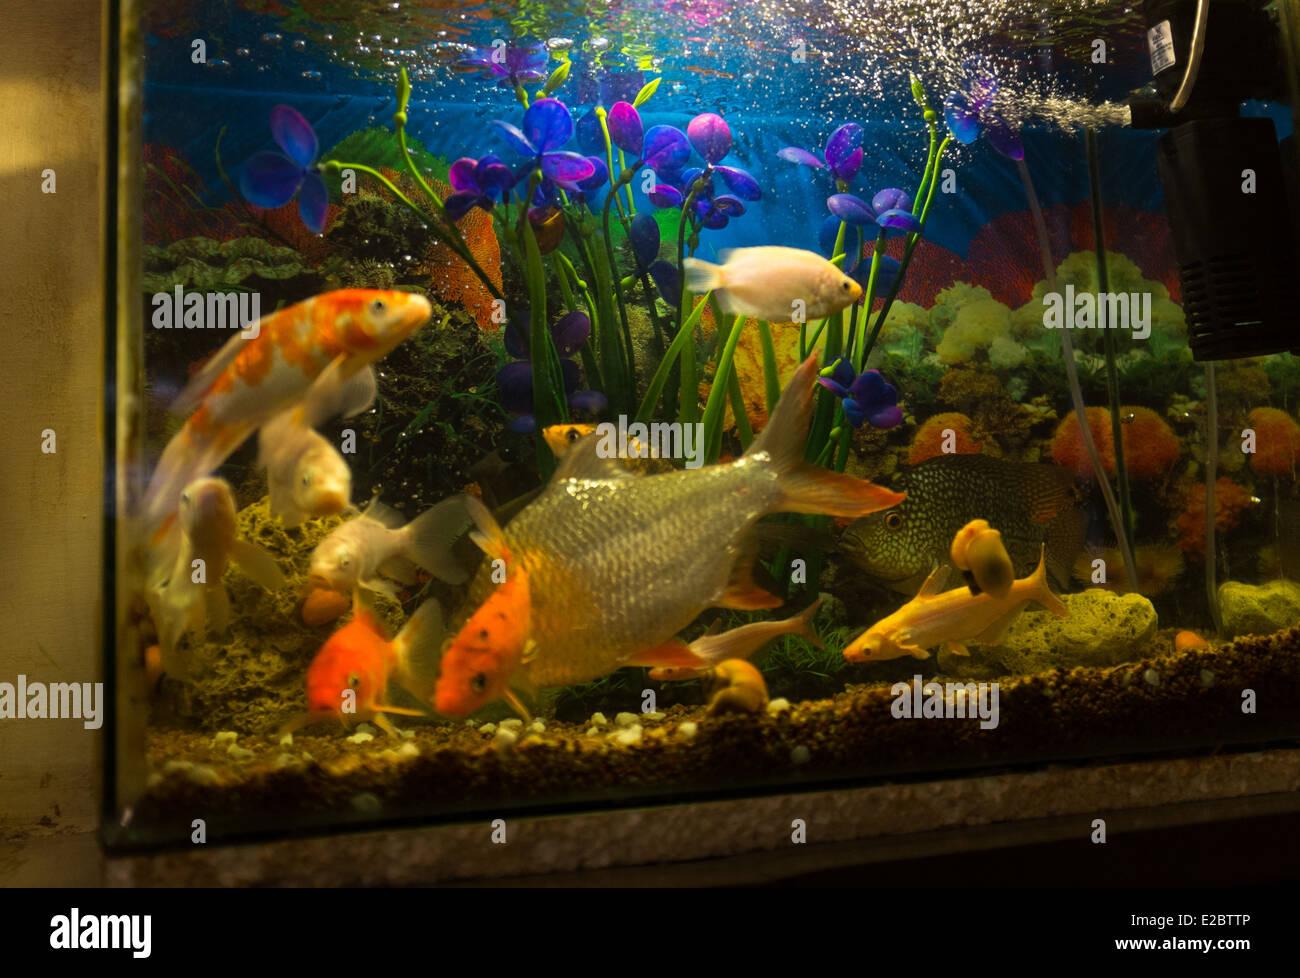 Fish in new aquarium - Fish Swim In A Fresh Water Aquarium In New Delhi India